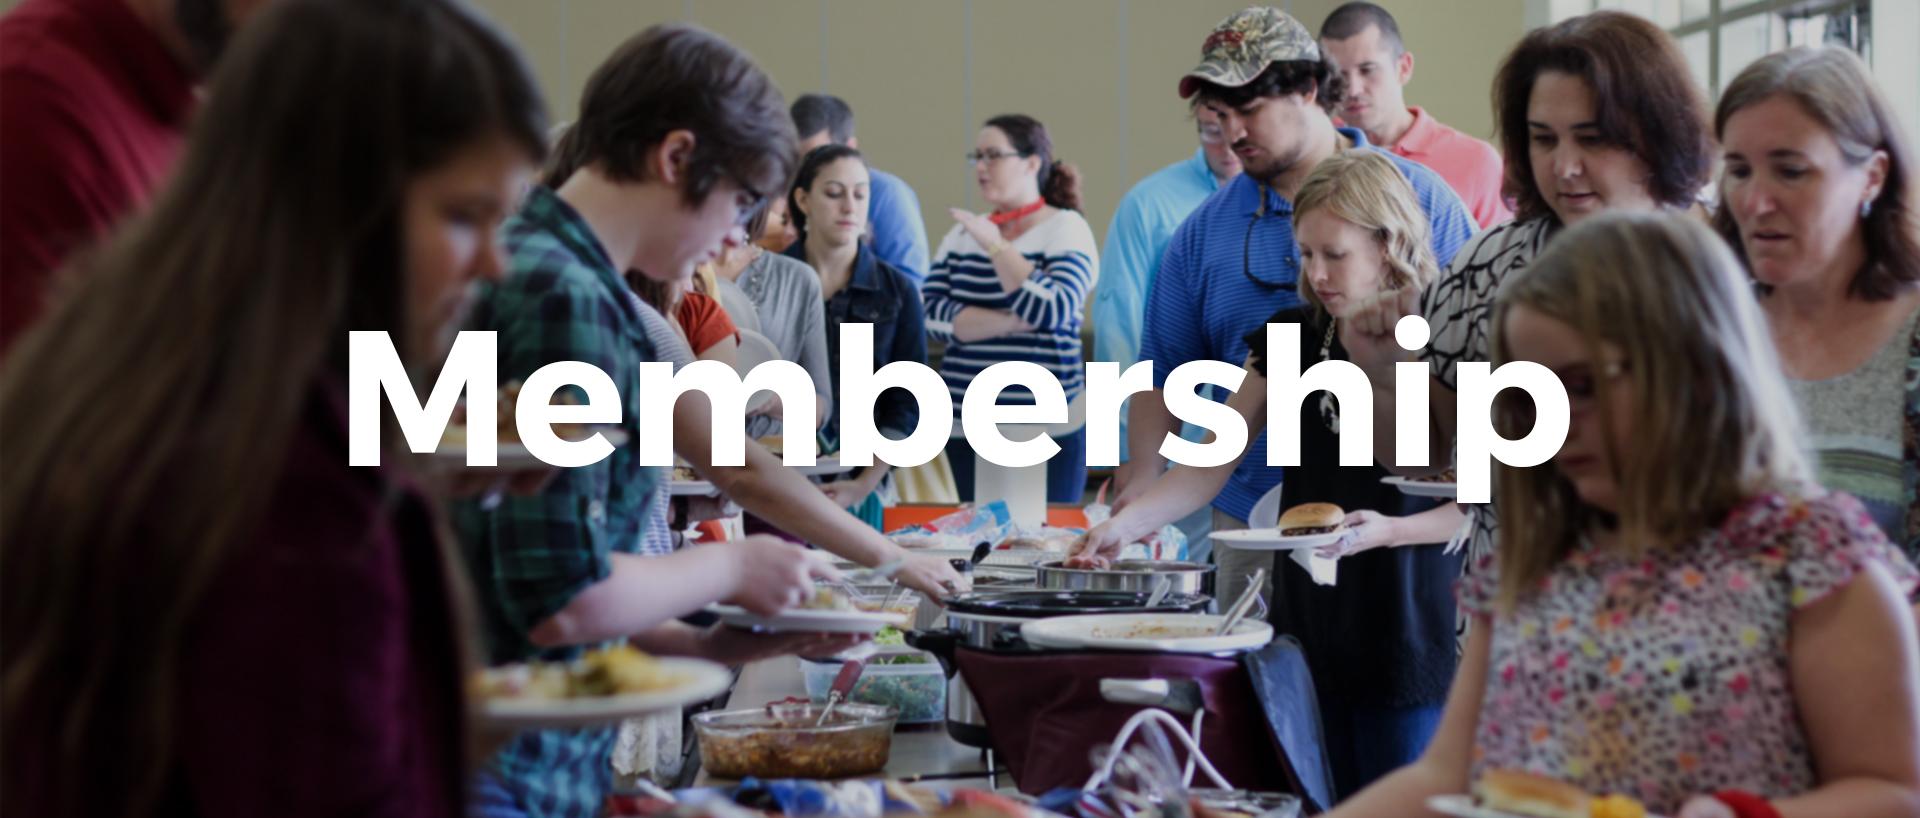 Lex_MembershipWeb.jpg